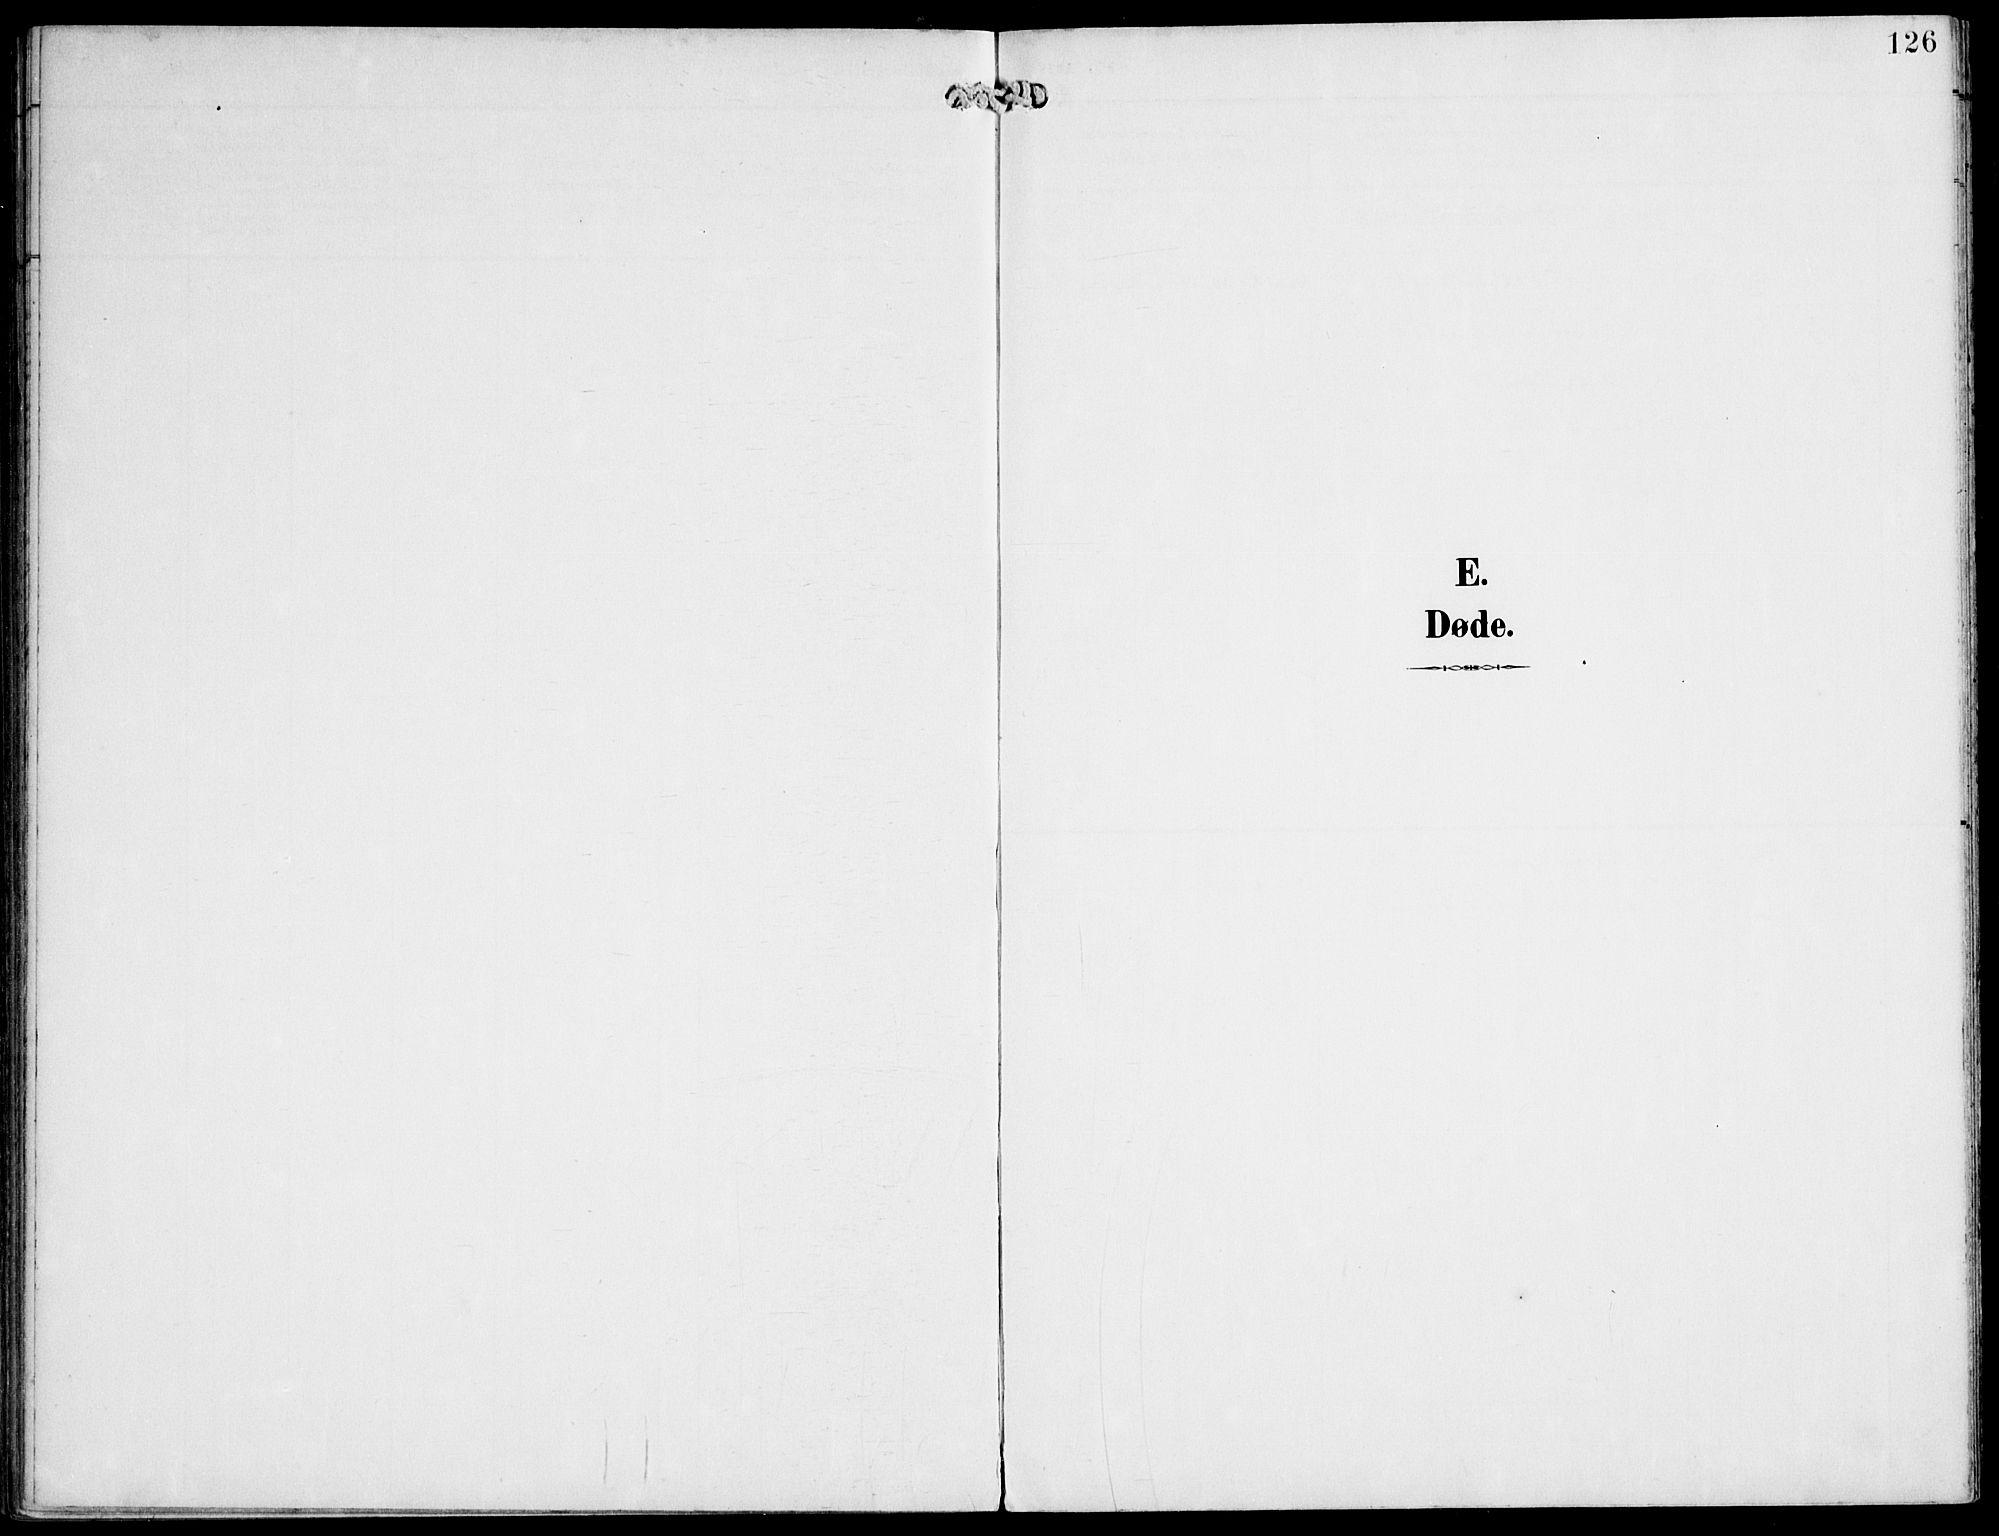 SAT, Ministerialprotokoller, klokkerbøker og fødselsregistre - Nord-Trøndelag, 745/L0430: Ministerialbok nr. 745A02, 1895-1913, s. 126